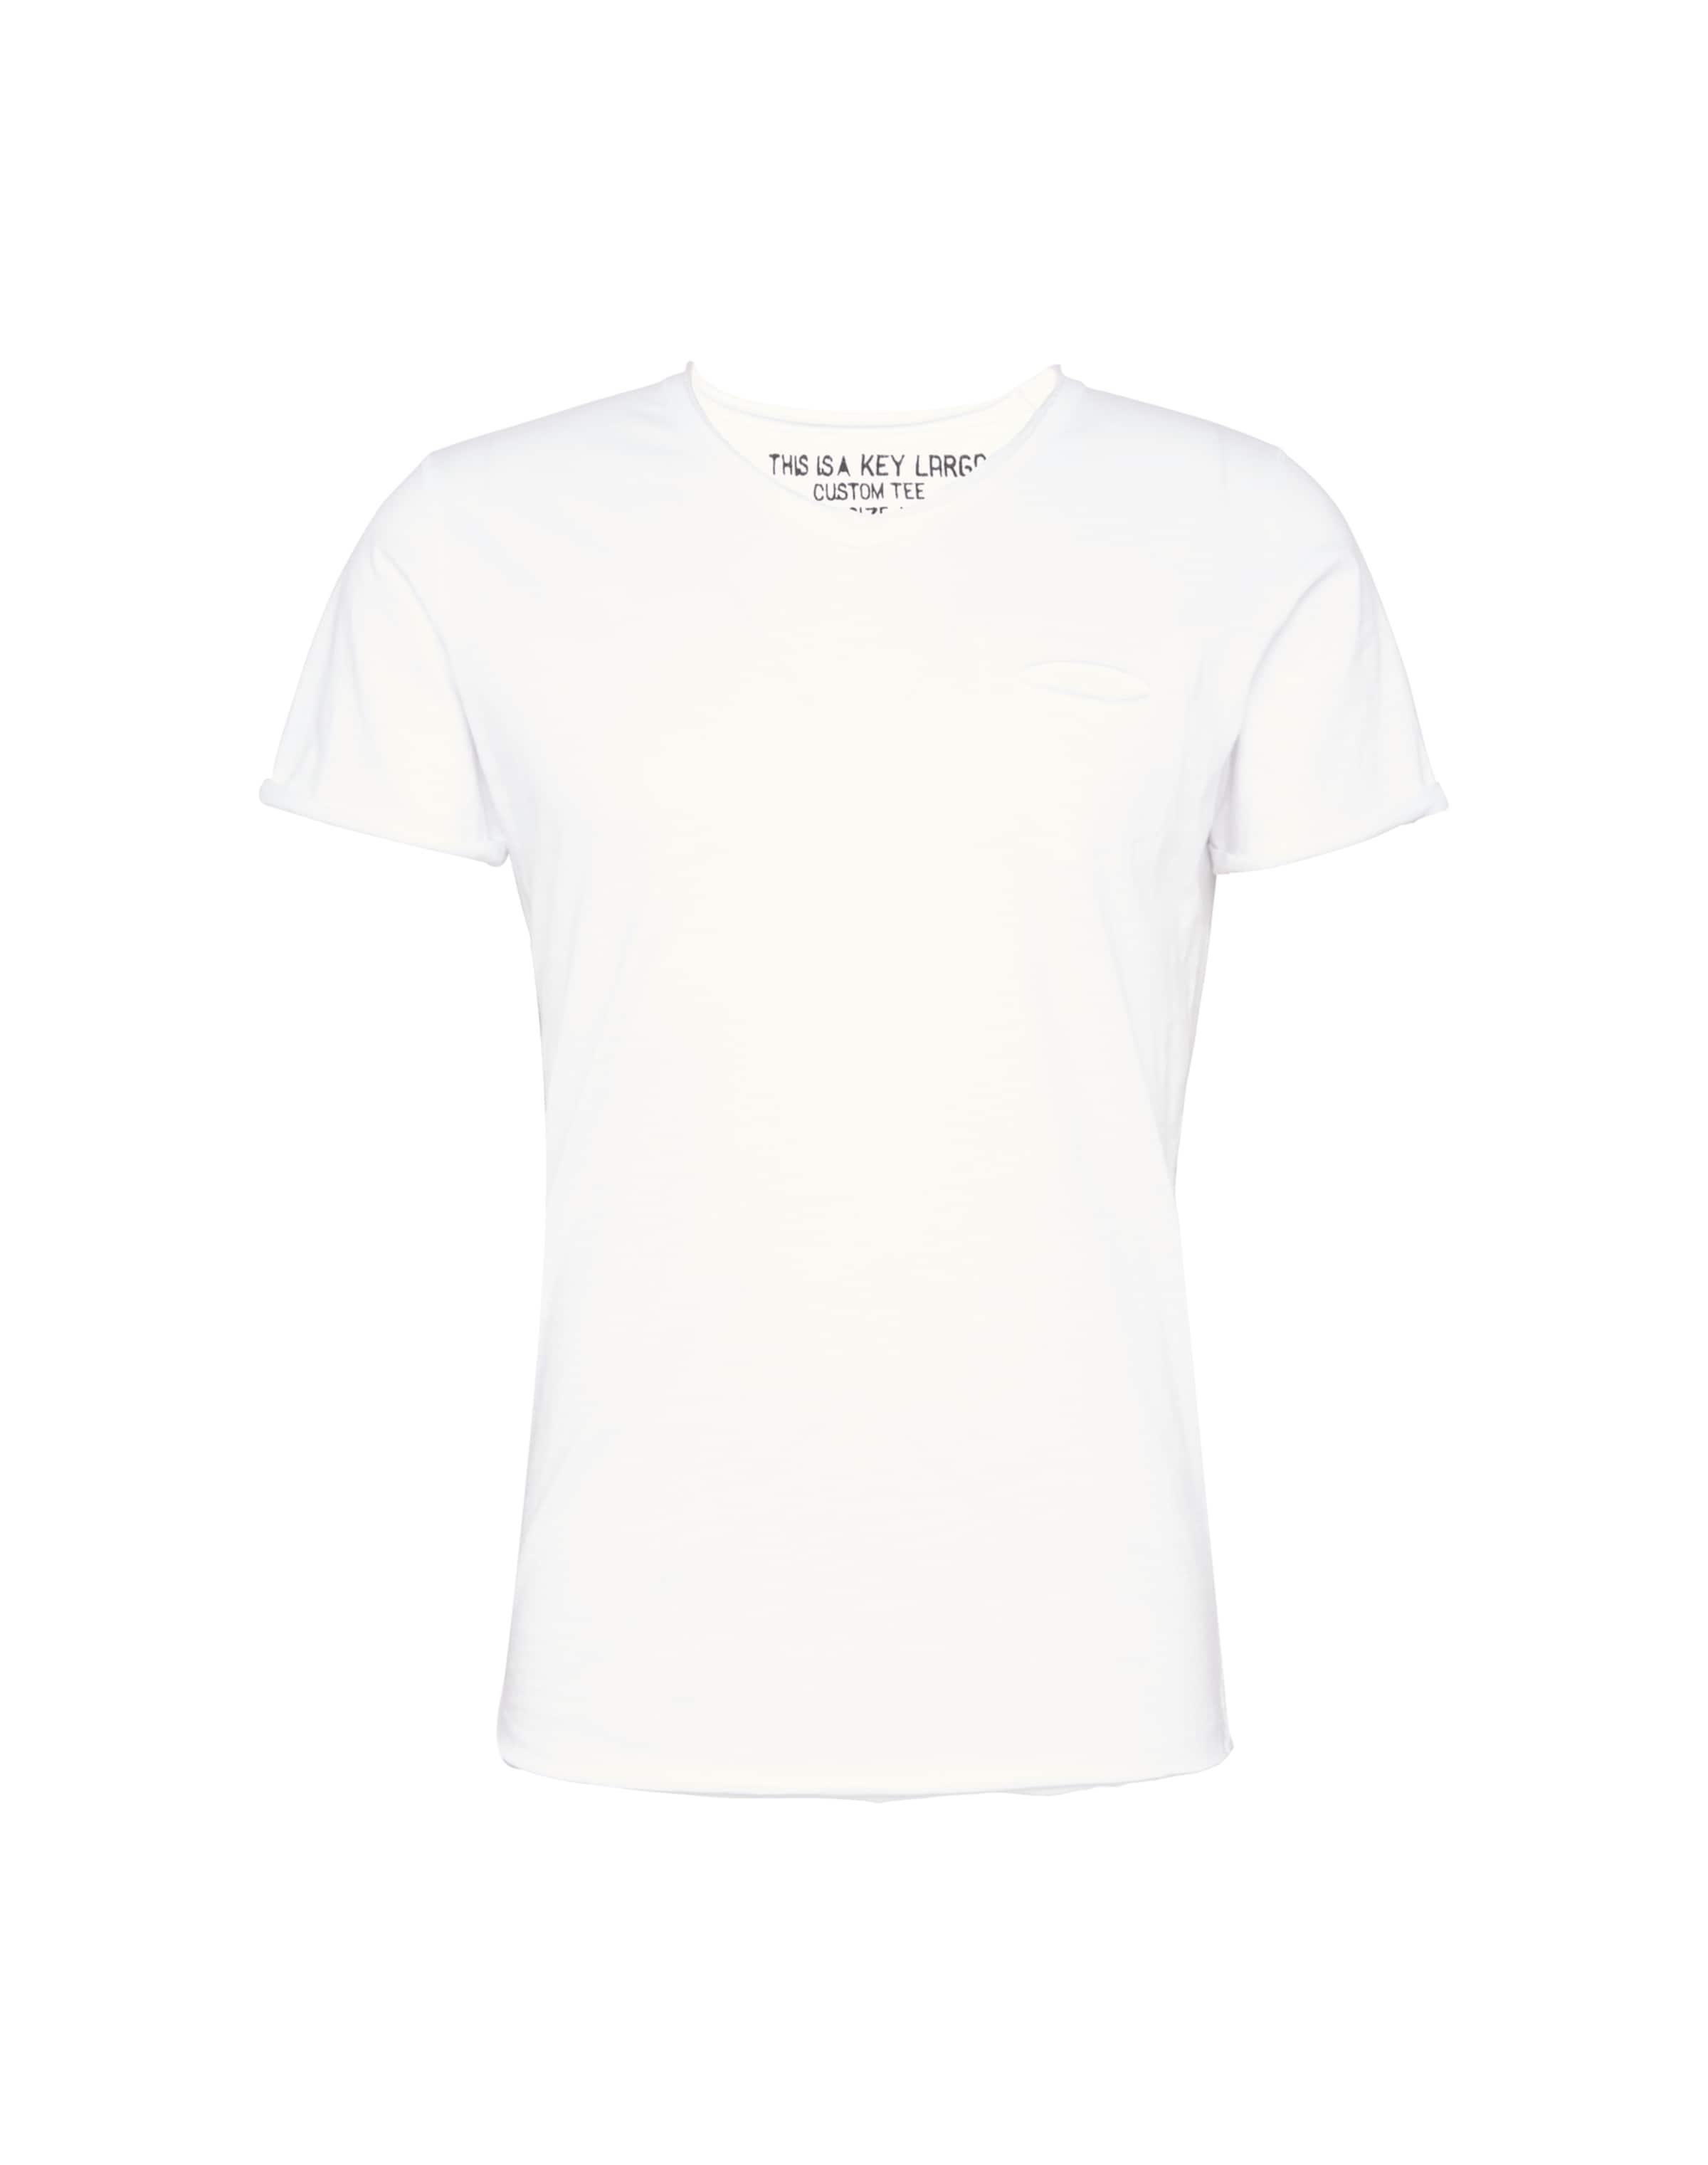 ausschnitt Largo In T Key shirt Weiß Mit V Nm8nOv0w